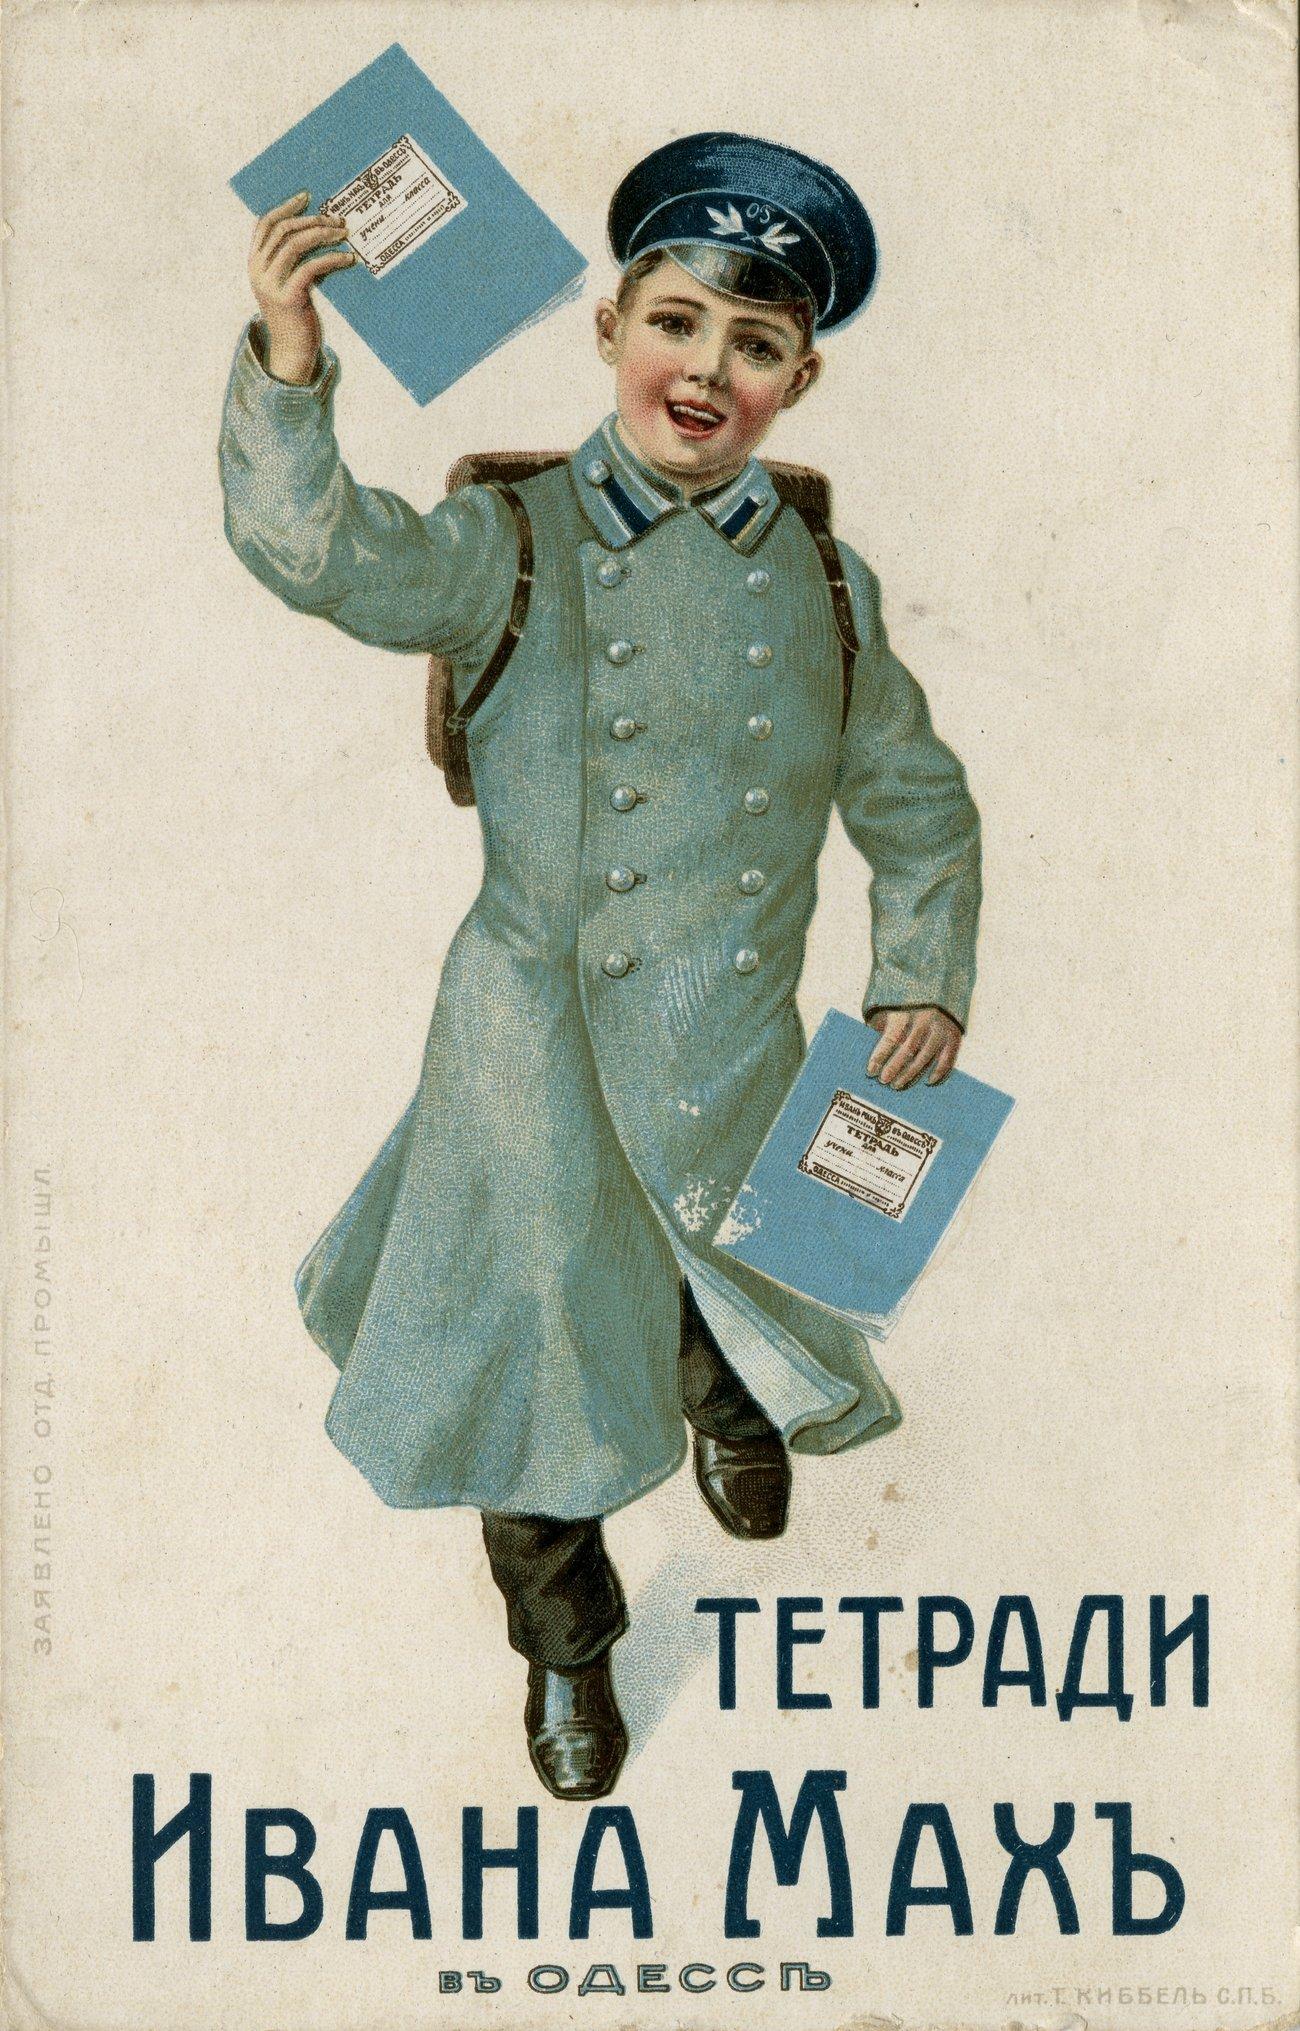 Открытка тетради Иван Мах в Одессе 001